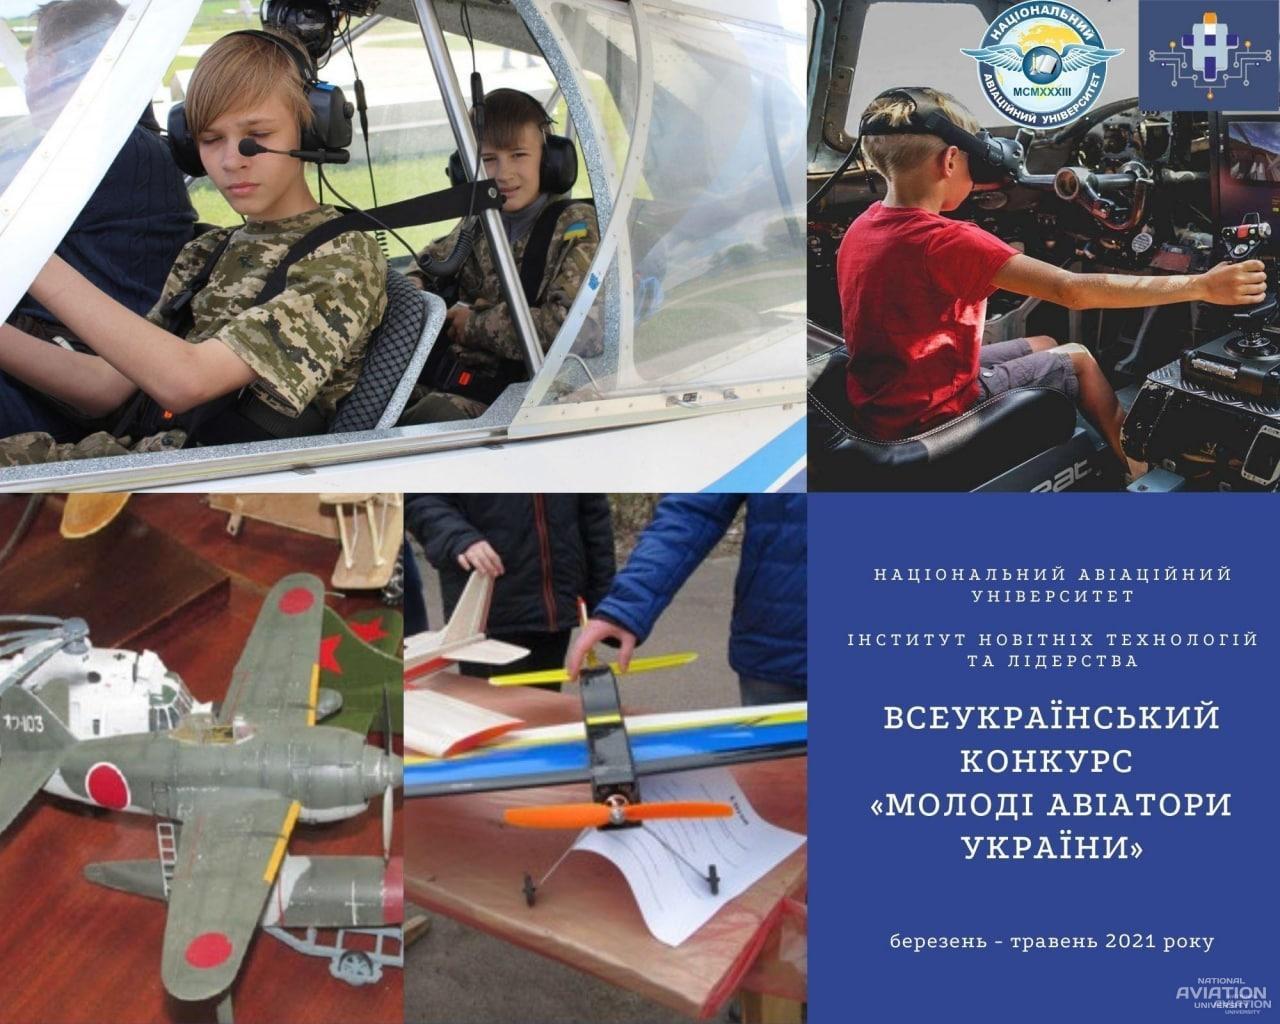 В Національному авіаційному університеті проведено Всеукраїнський конкурс «Молоді авіатори України»